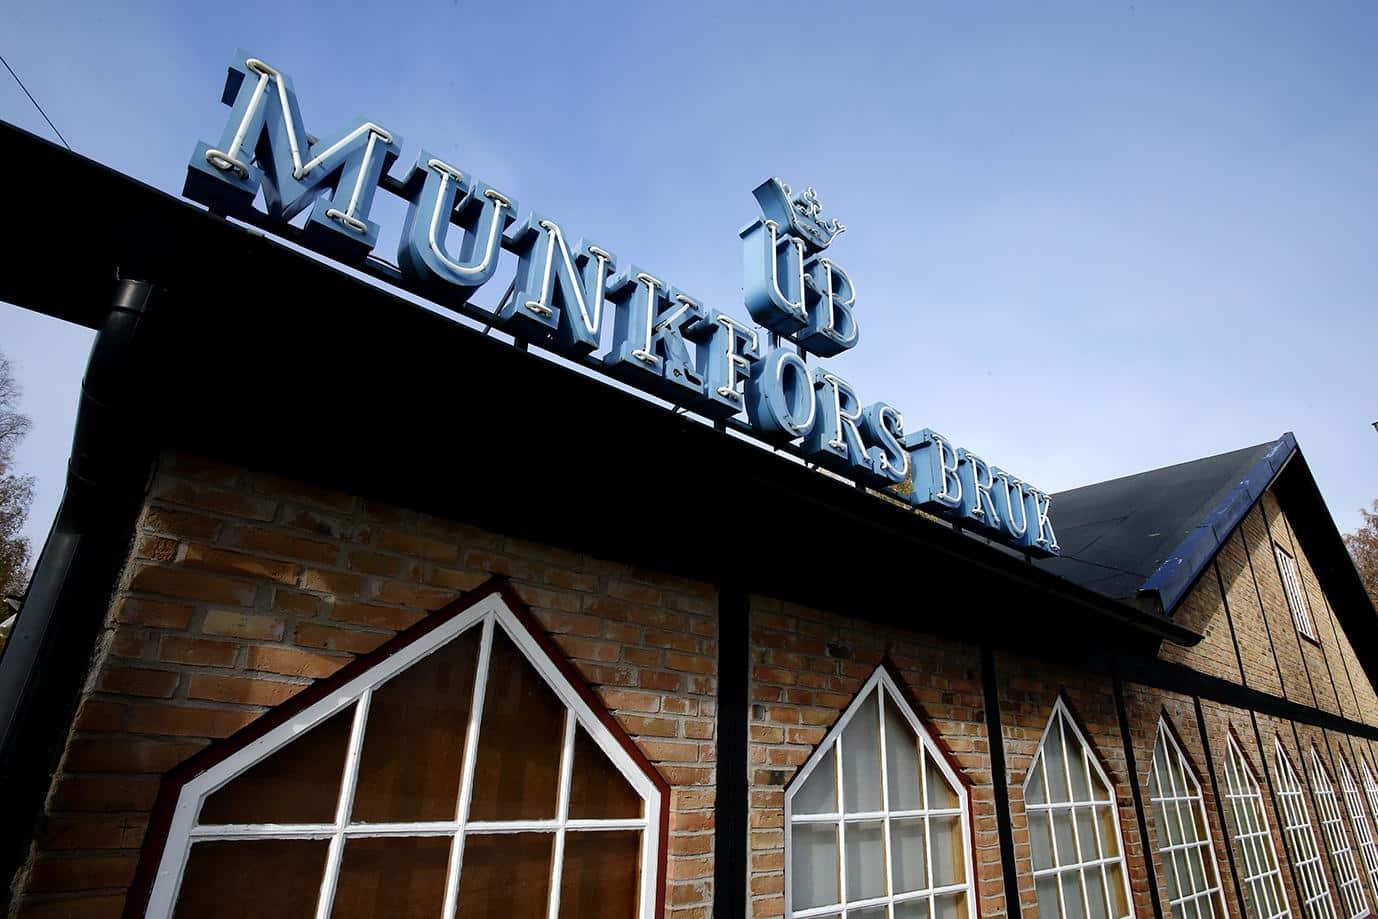 Gamla brukets museer är inhysta i en tegelbyggnad. På taket står det Munkfors Bruk med stora blå bokstäver.